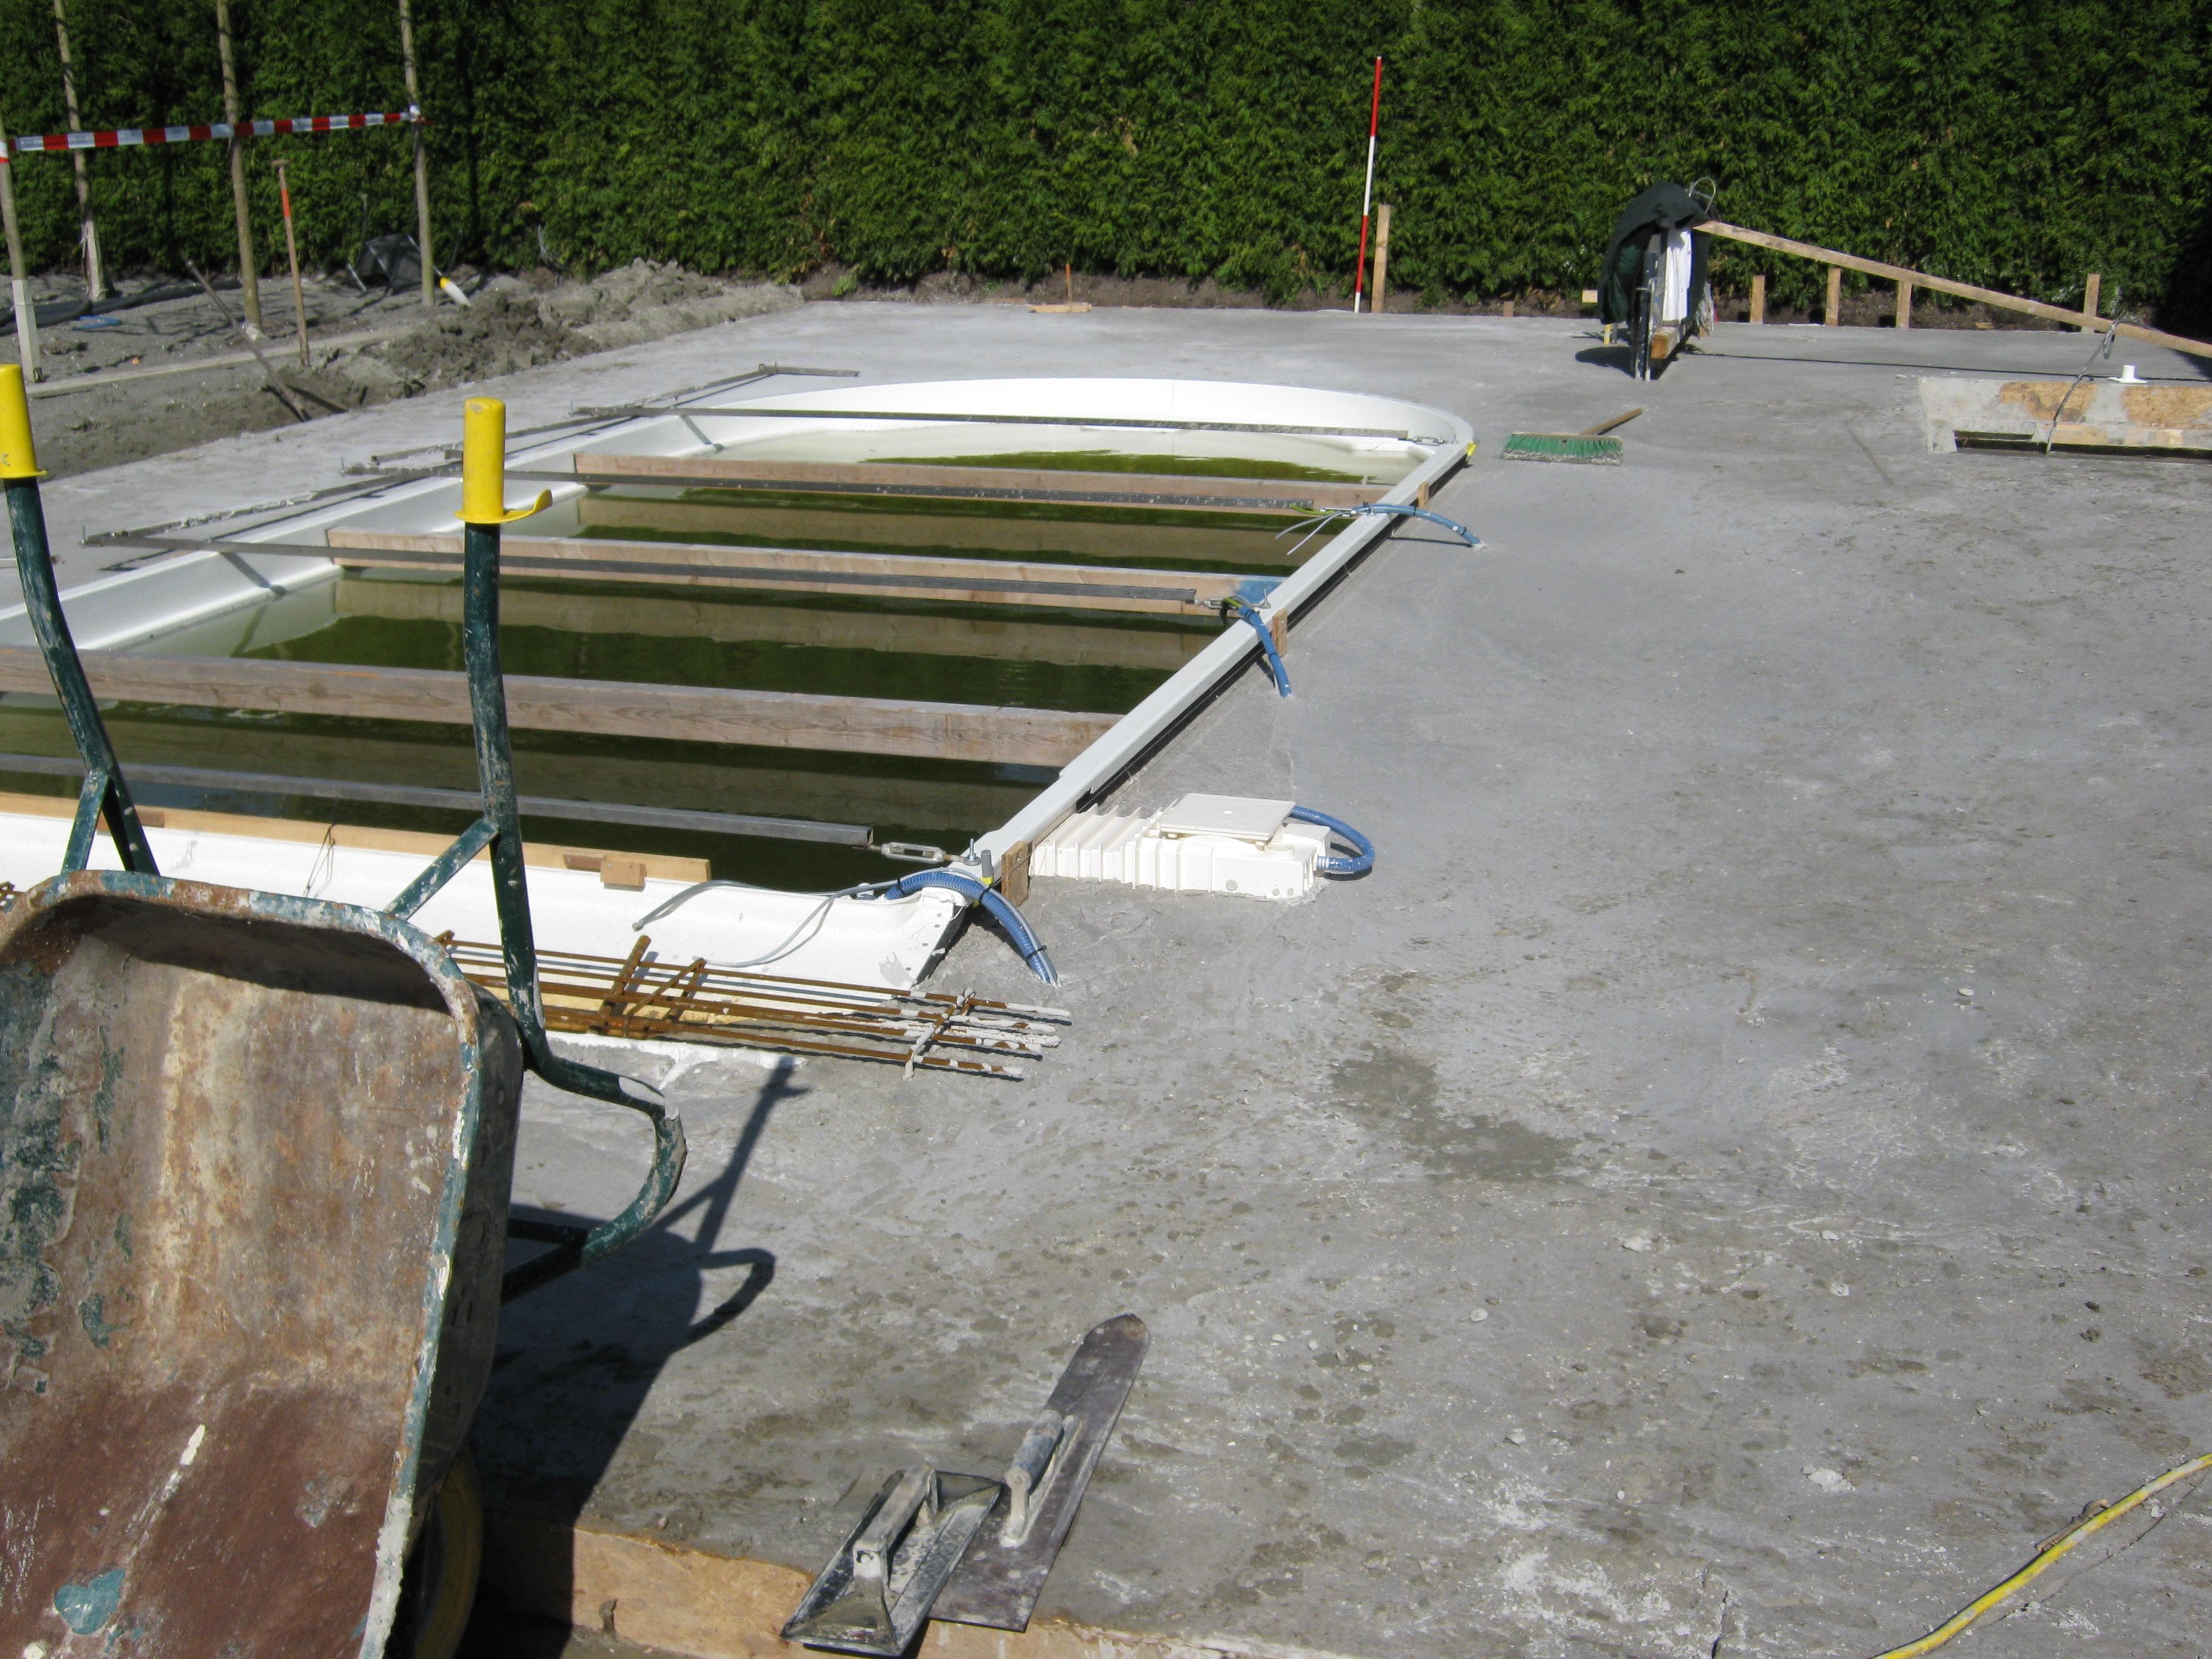 Welkom op de van dijk maasland projecten site - Omgeving zwembad ontwerp ...